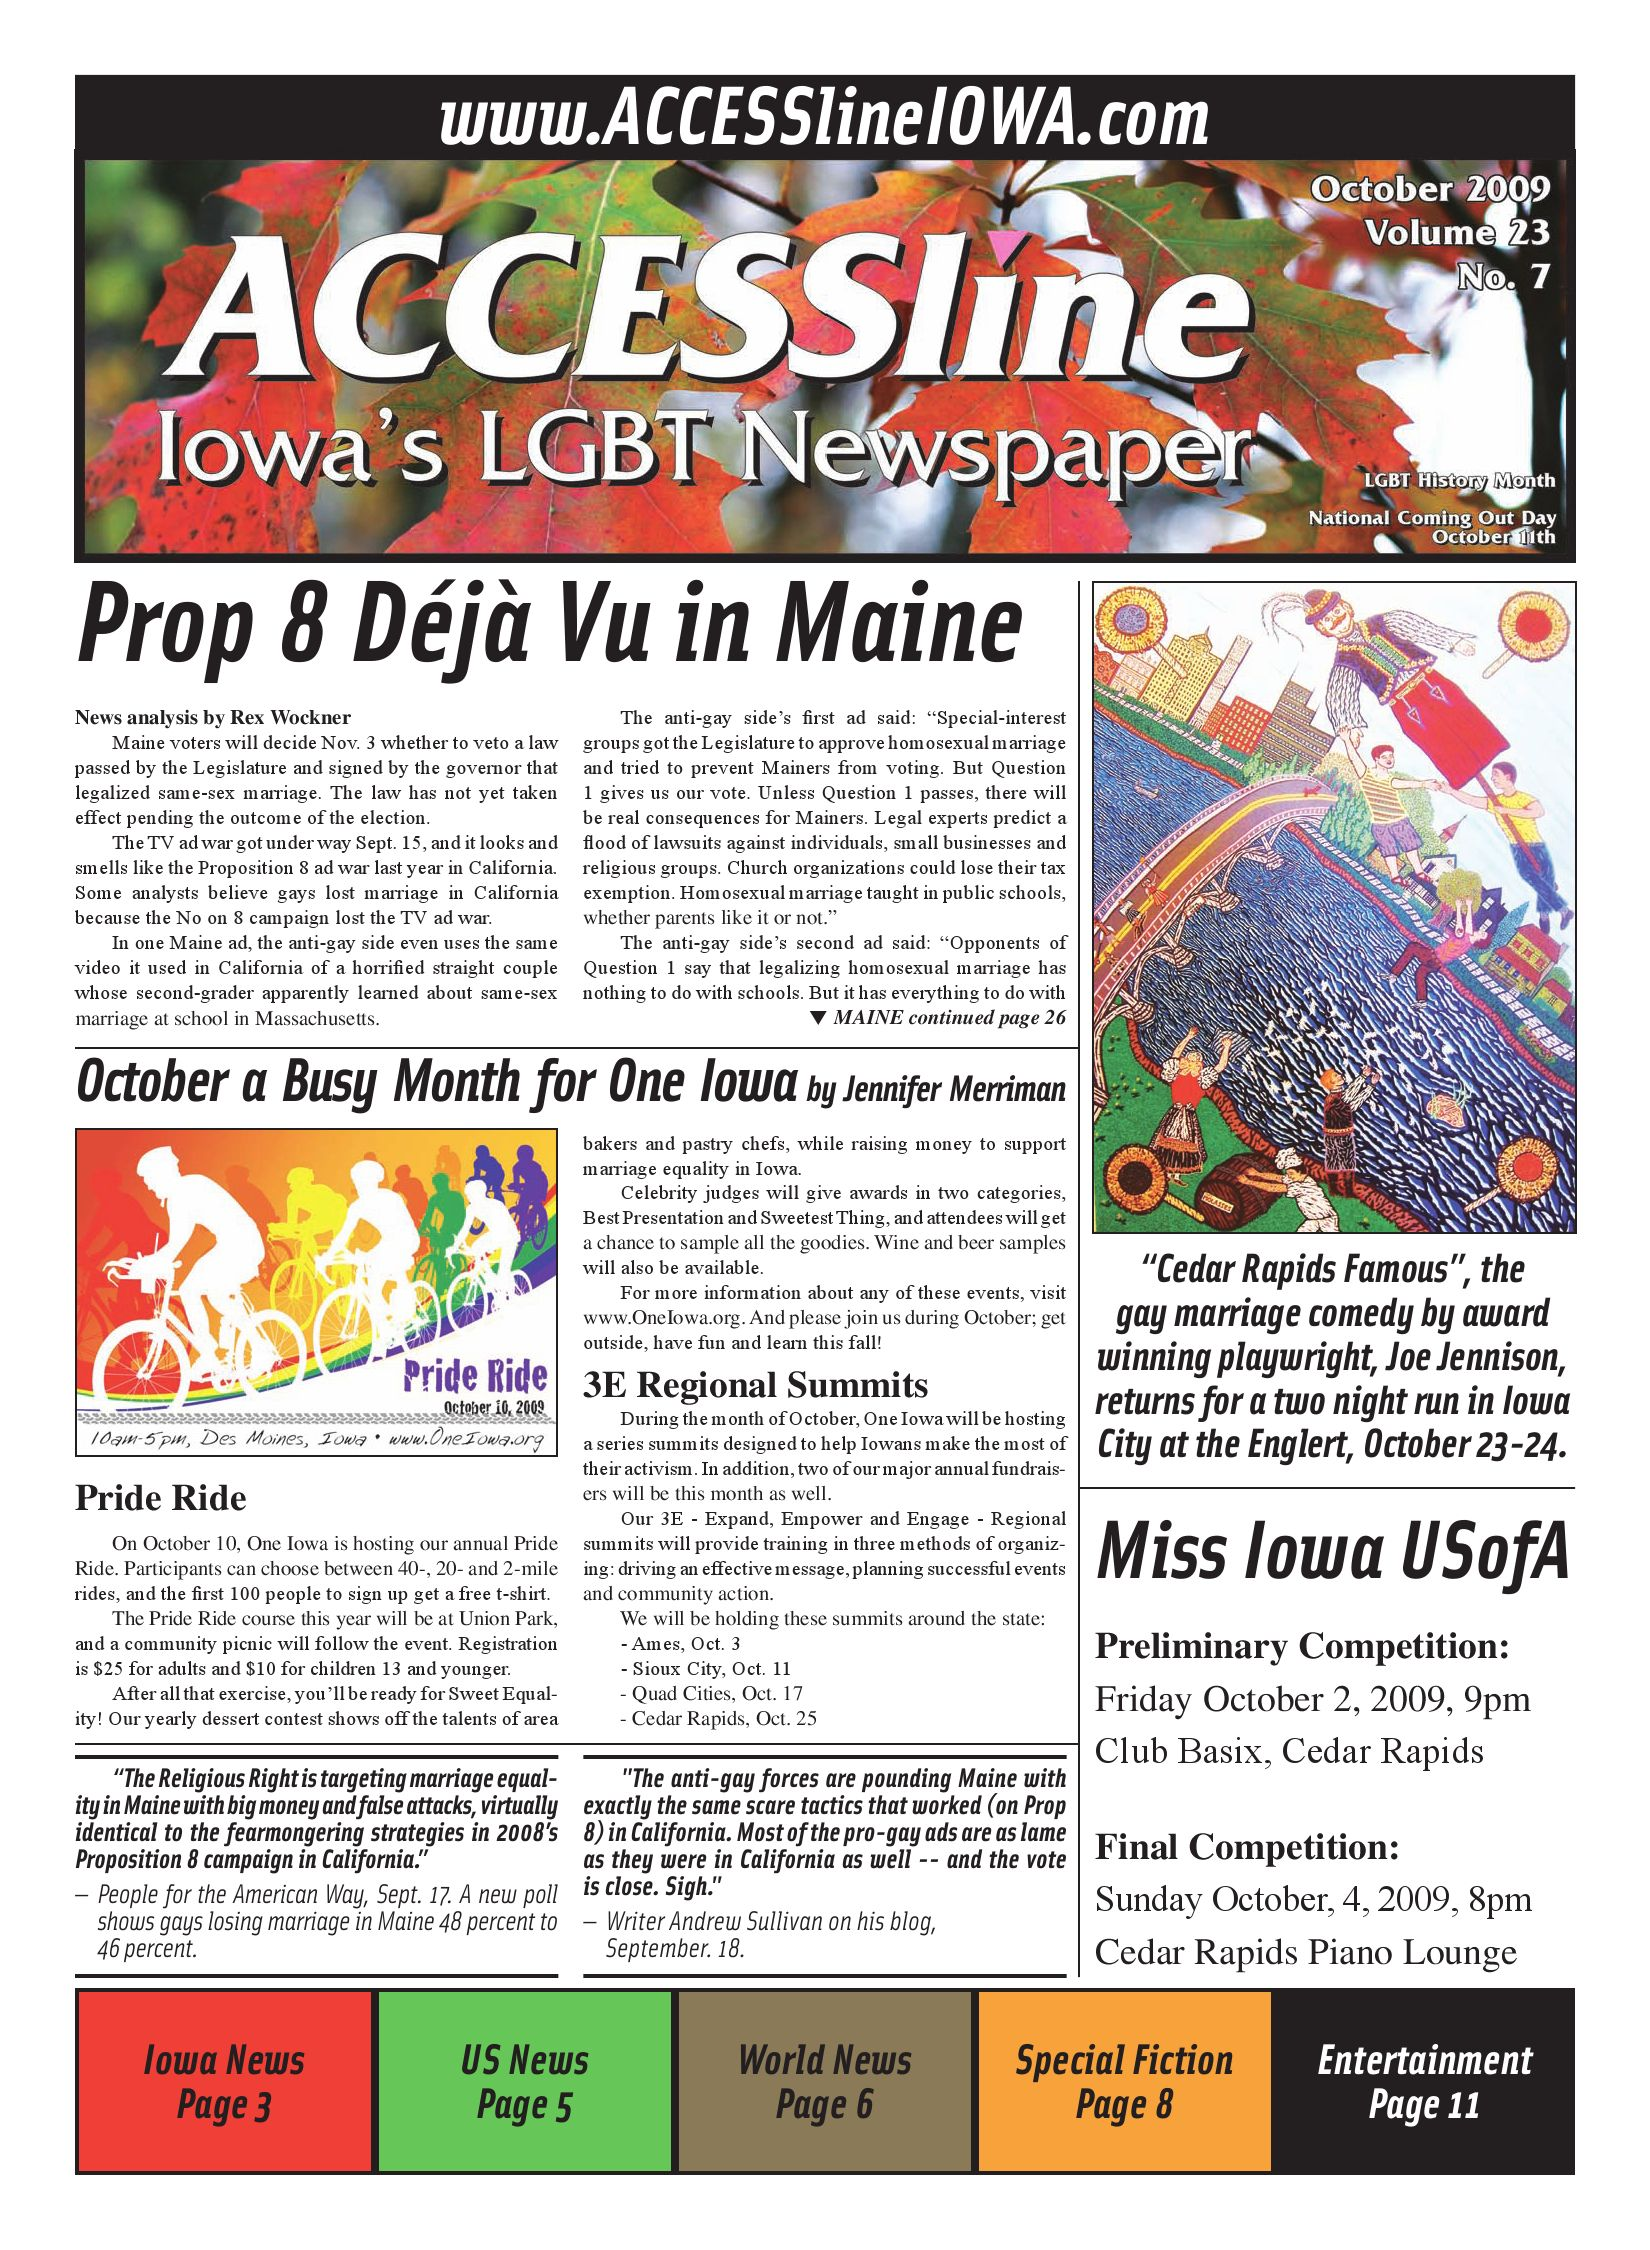 ACCESSline, Iowa's LGBT Newspaper, October 2009 Issue, Volume 23 No 7 by  ACCESSline - issuu